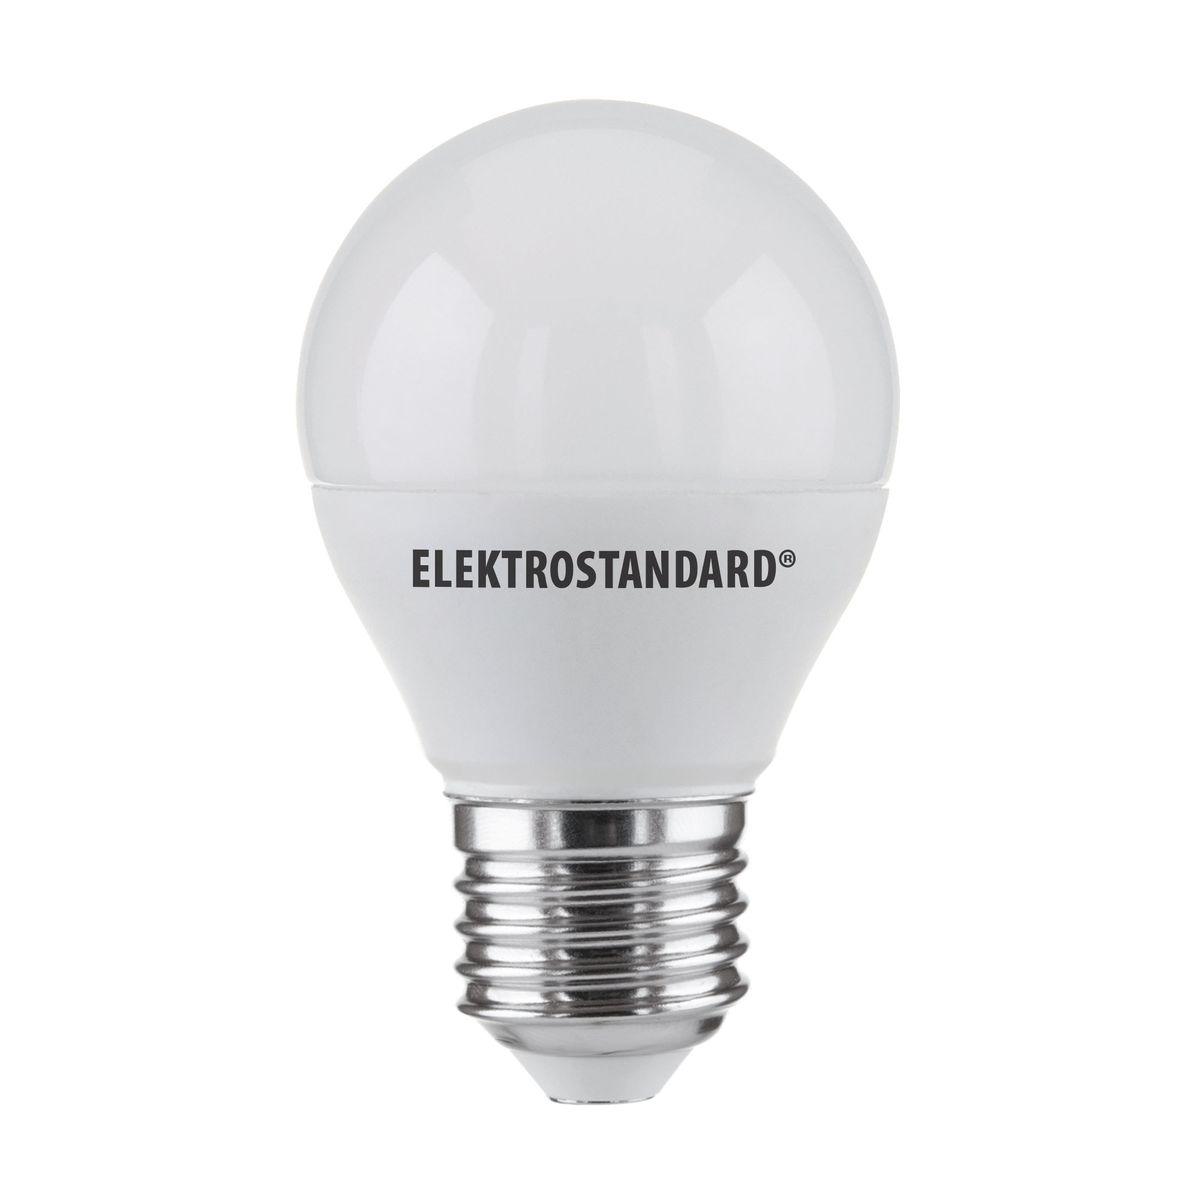 Лампочка Elektrostandard 4690389055256 Mini Classic LED